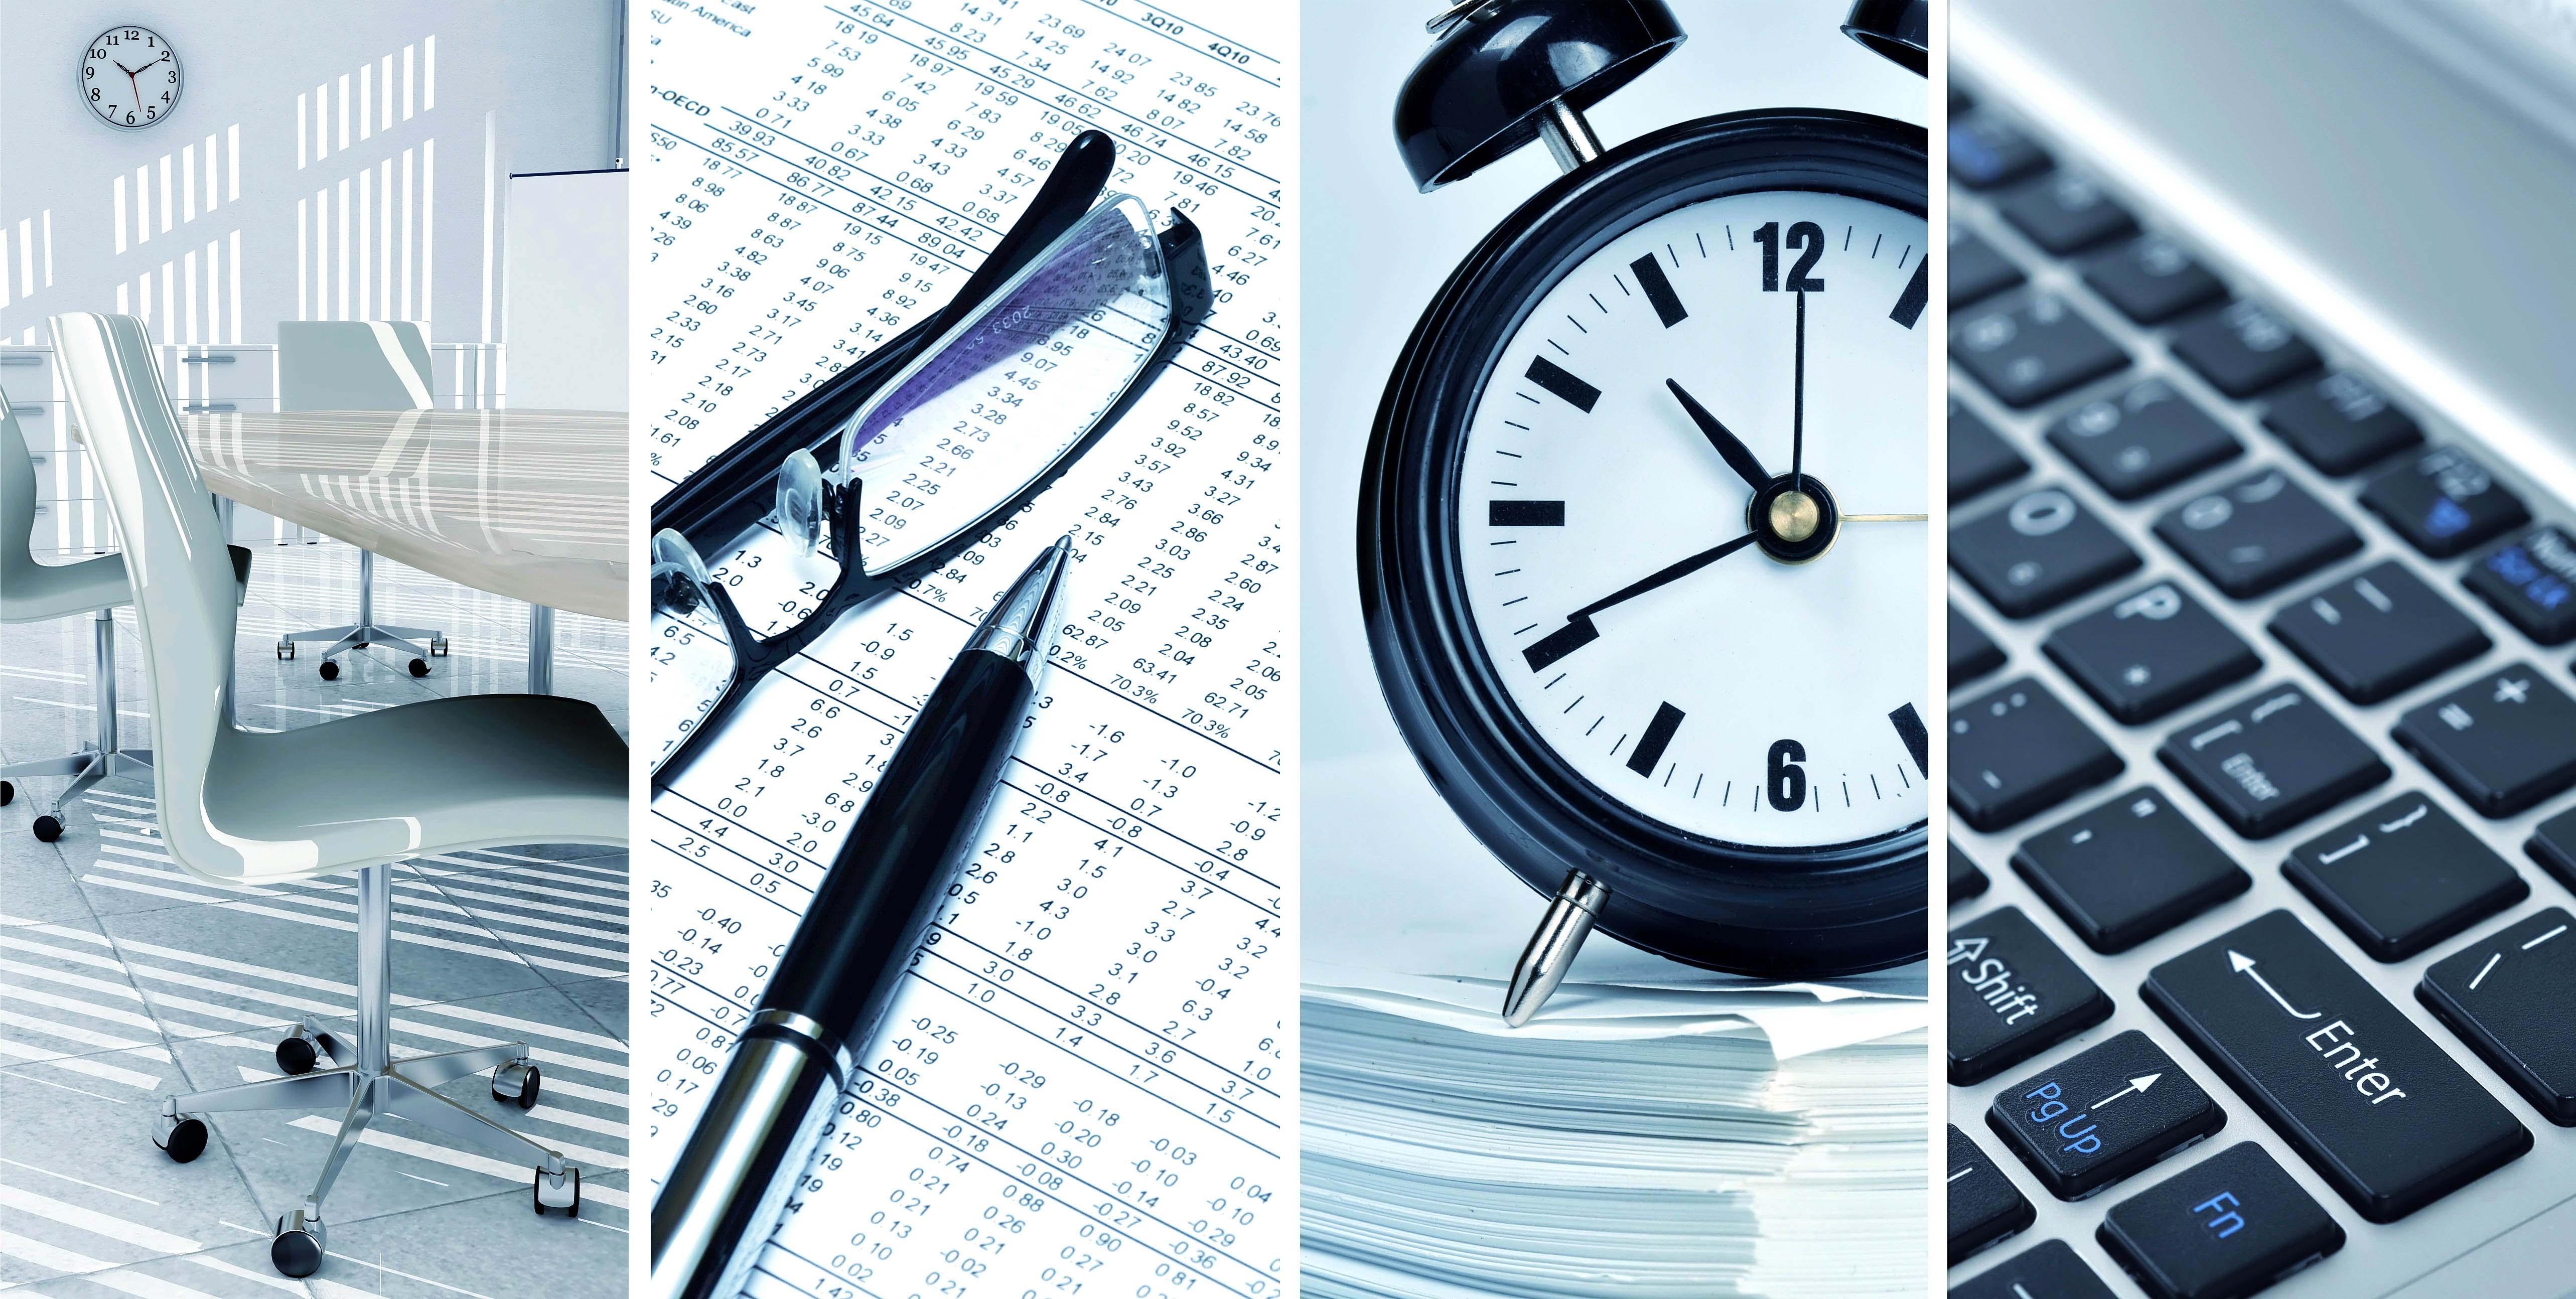 IT Audit: Better Prevent Than Cure. Business Processes Audit